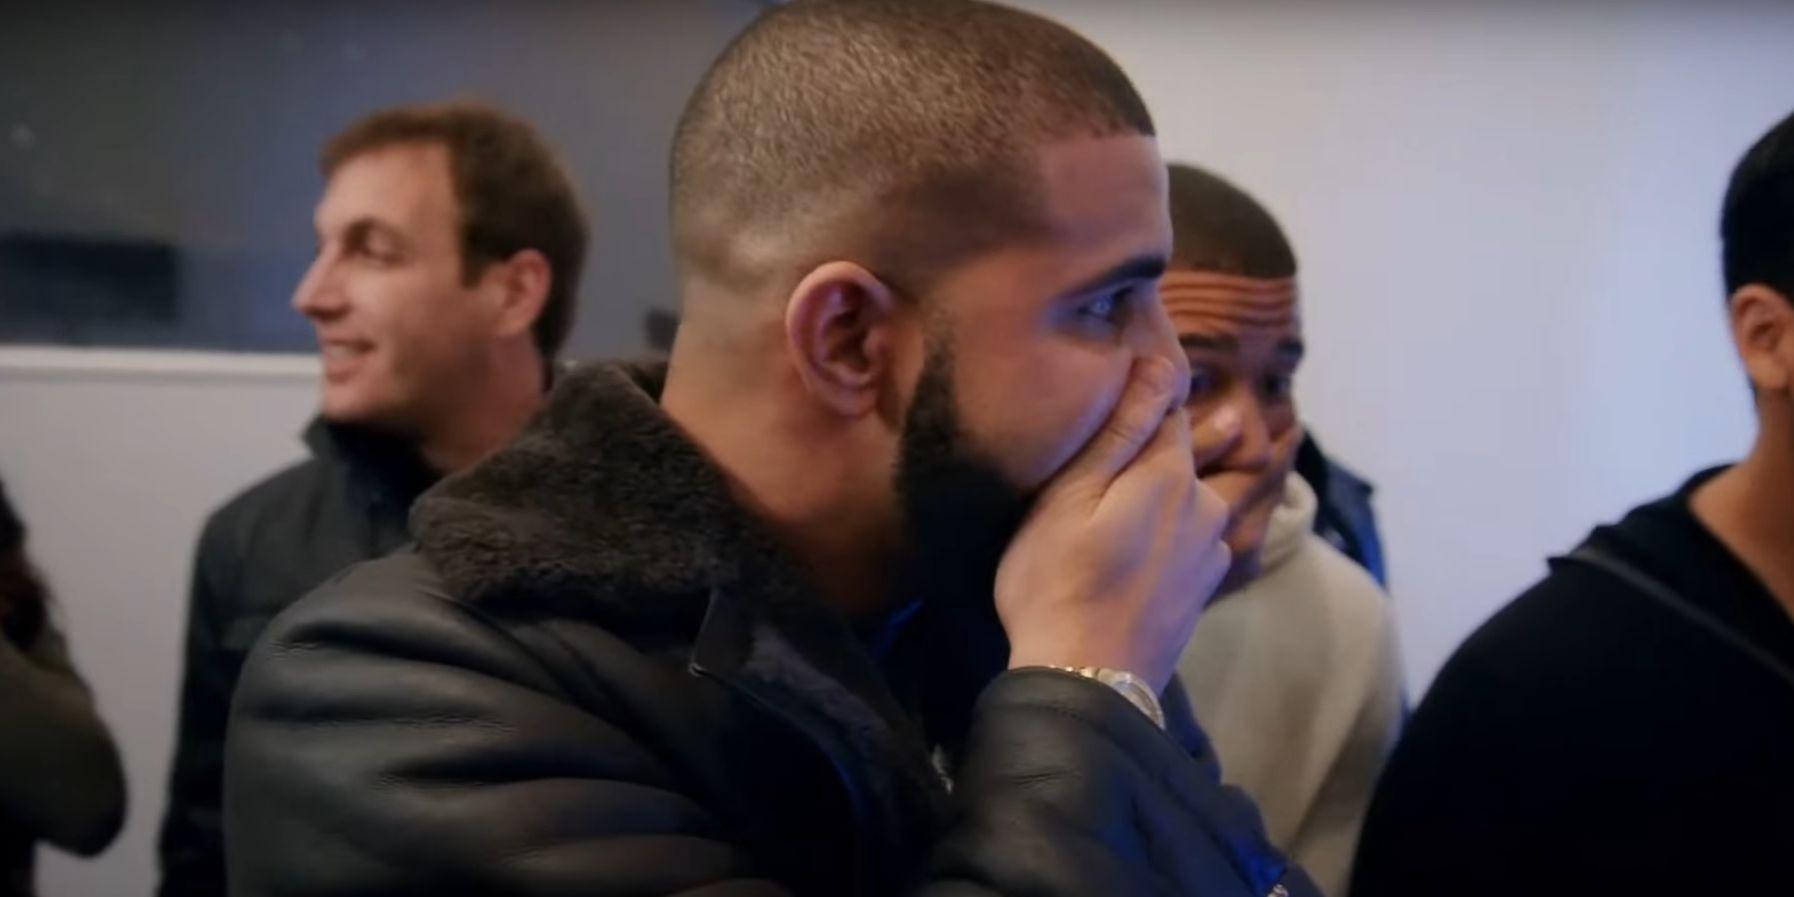 Drake reaction to David Blaine frog trick